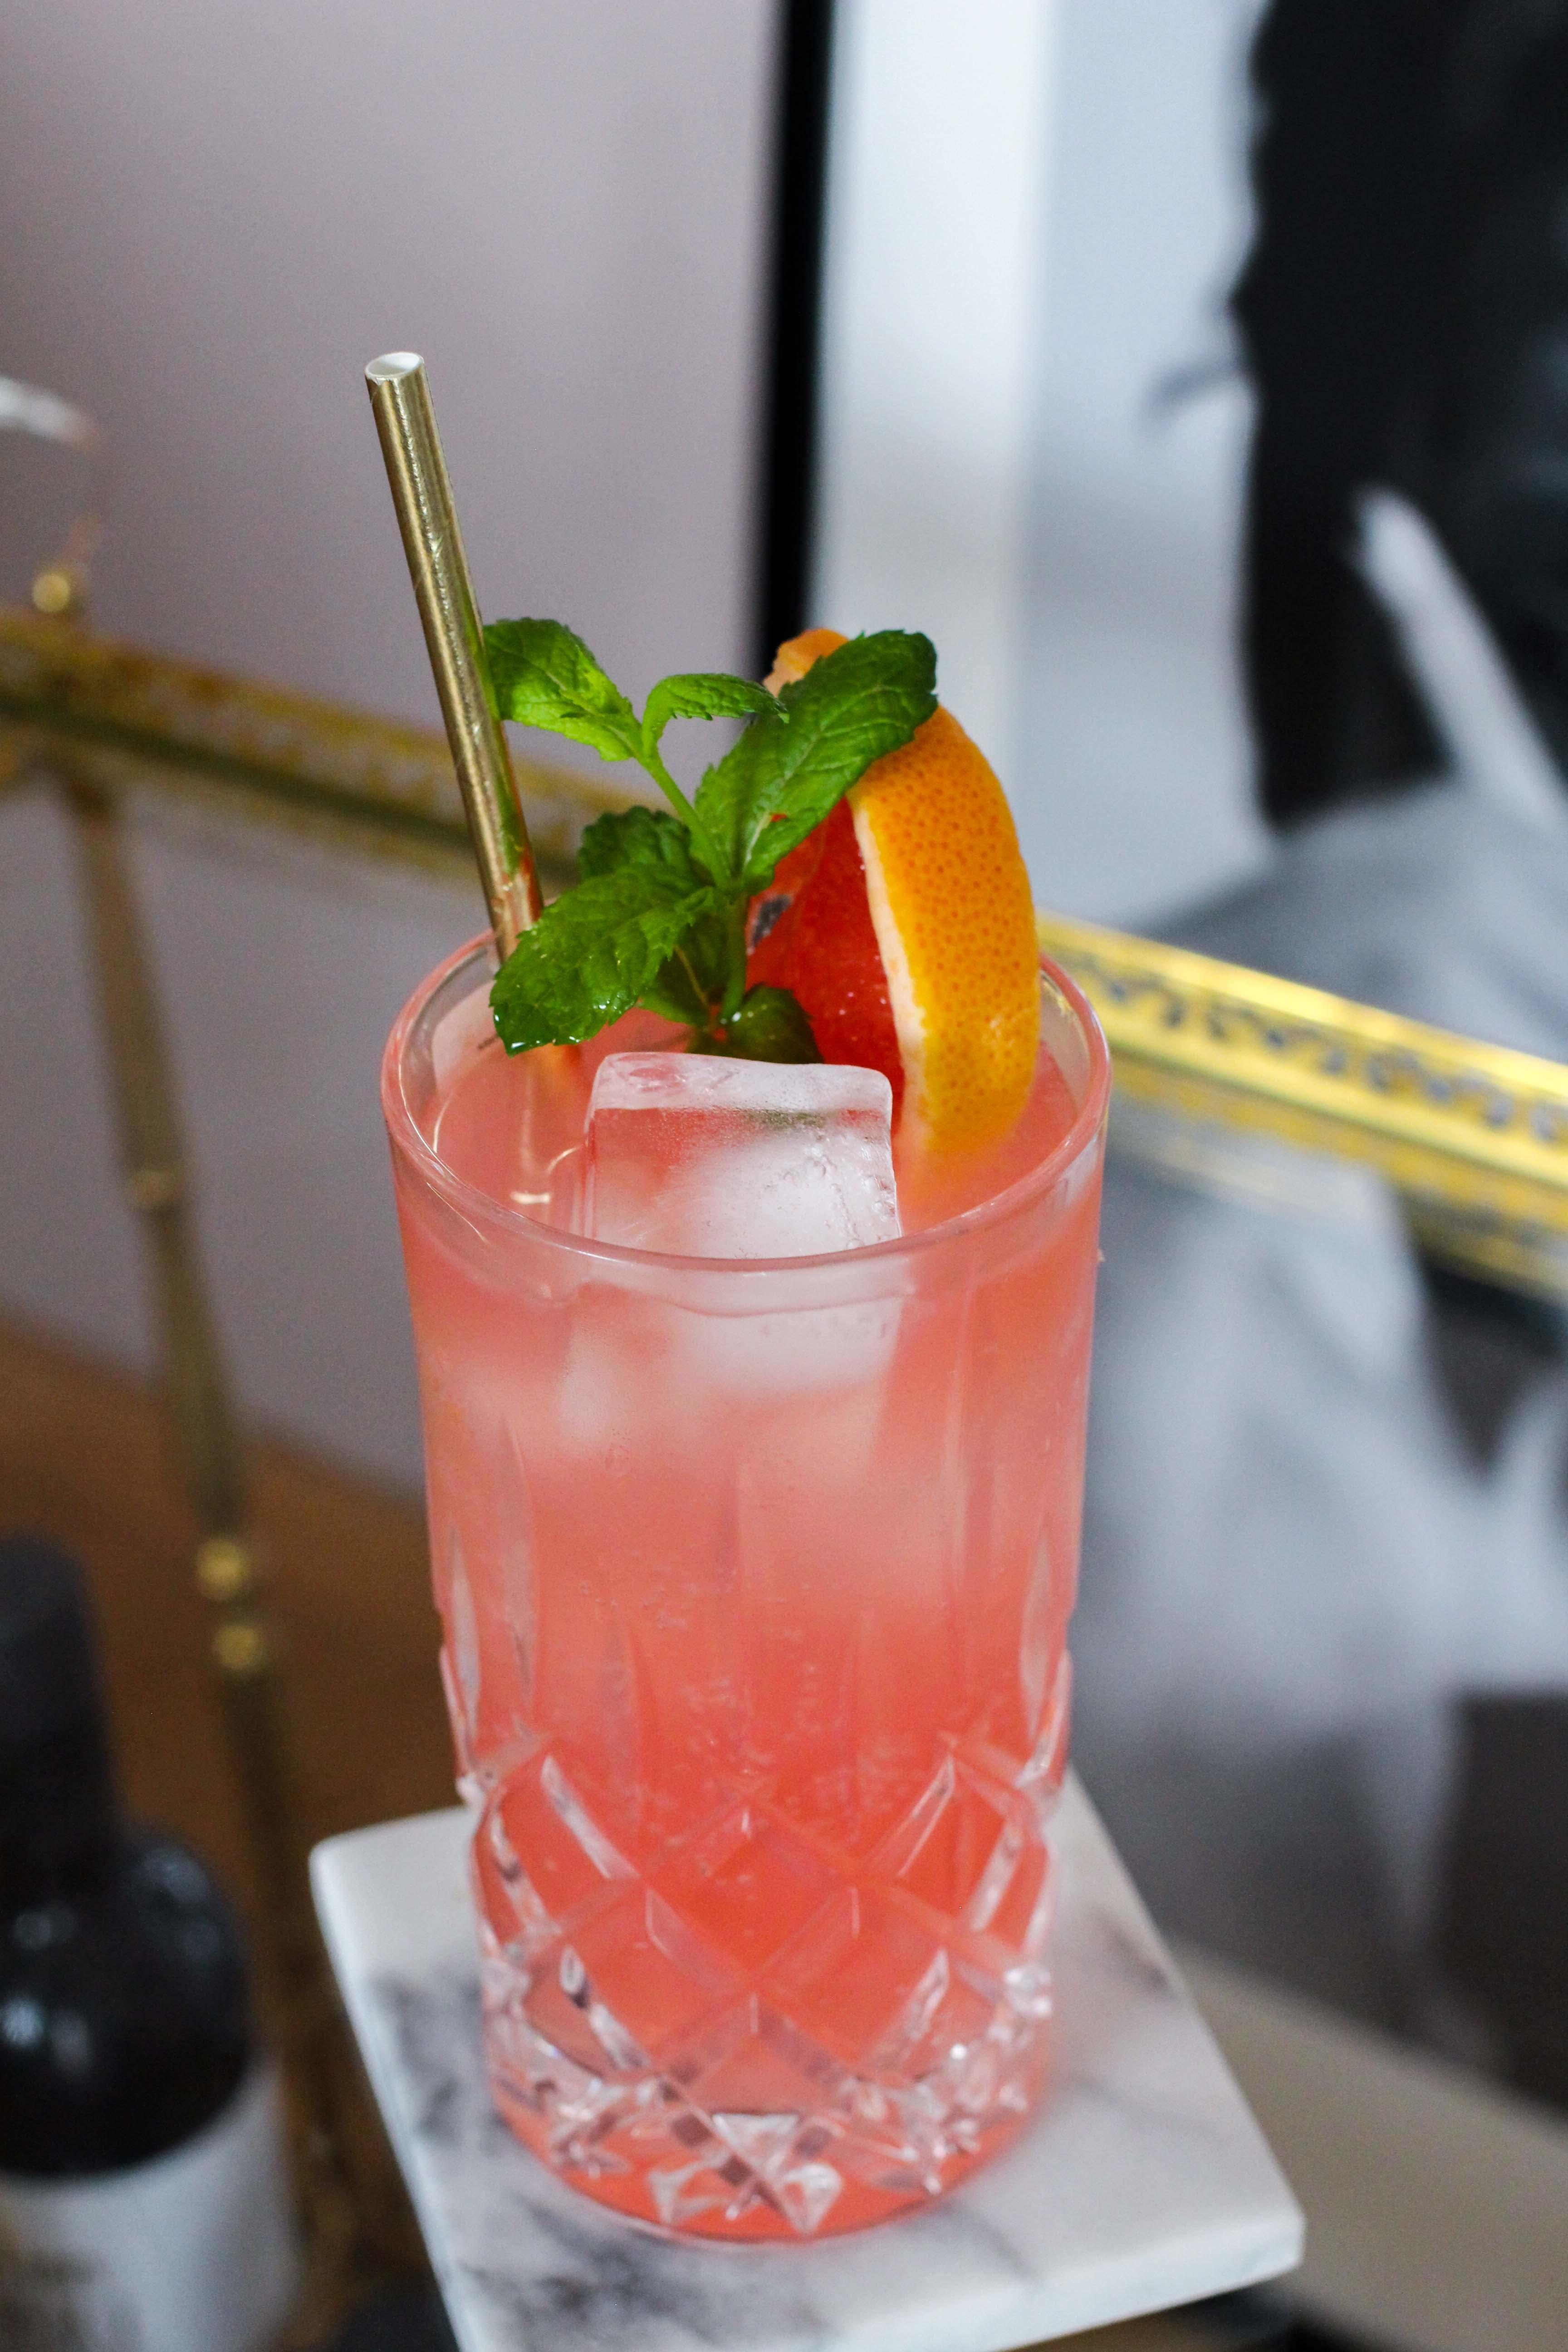 30ster Geburtstag Gin Rezept Siegfried Gin Cocktail BrinisFashionBook Dirty30 Grapefruit Highball Wonderleaf 2